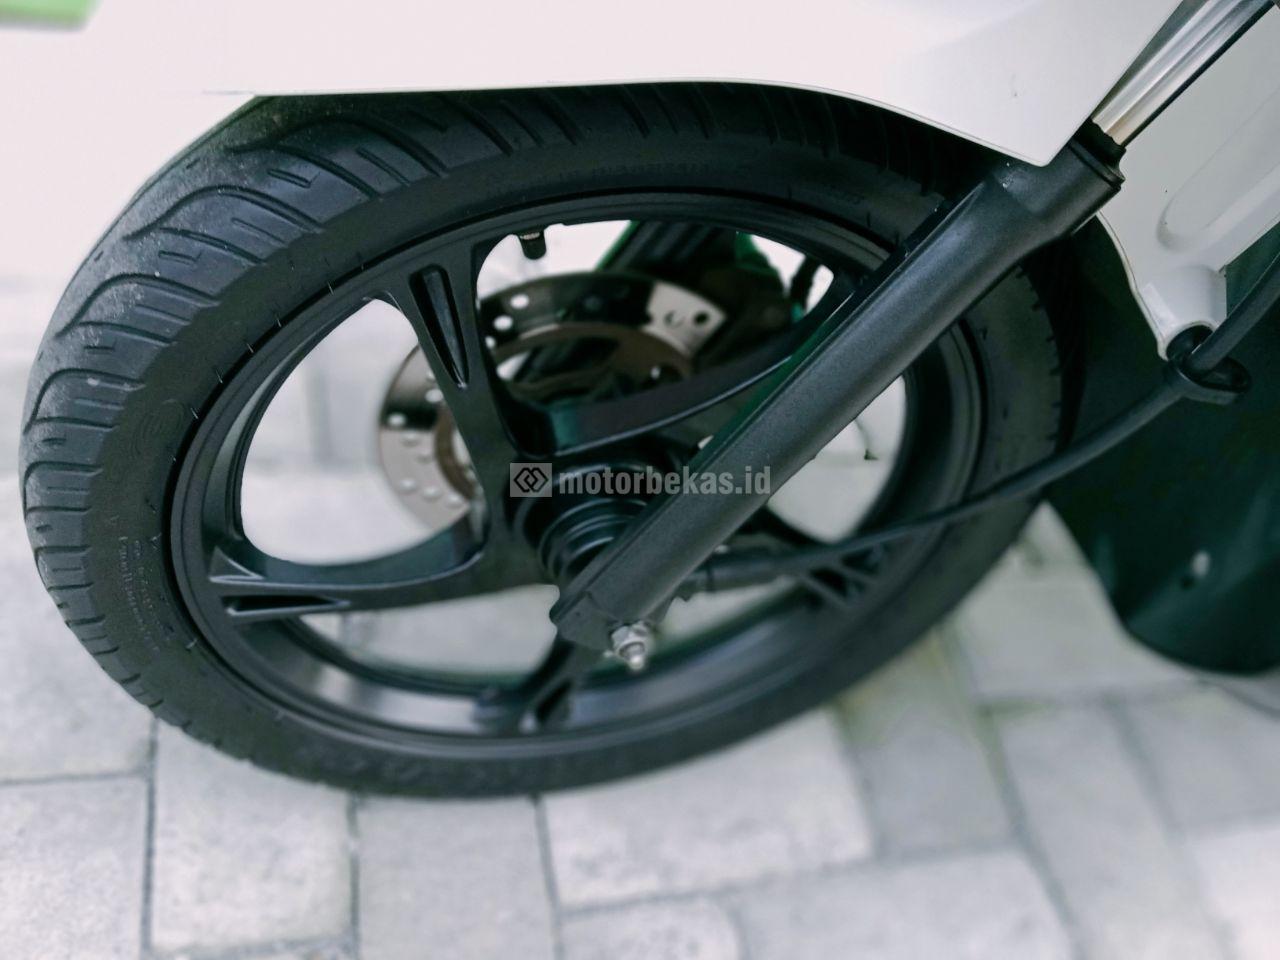 YAMAHA XEON FI 1452 motorbekas.id